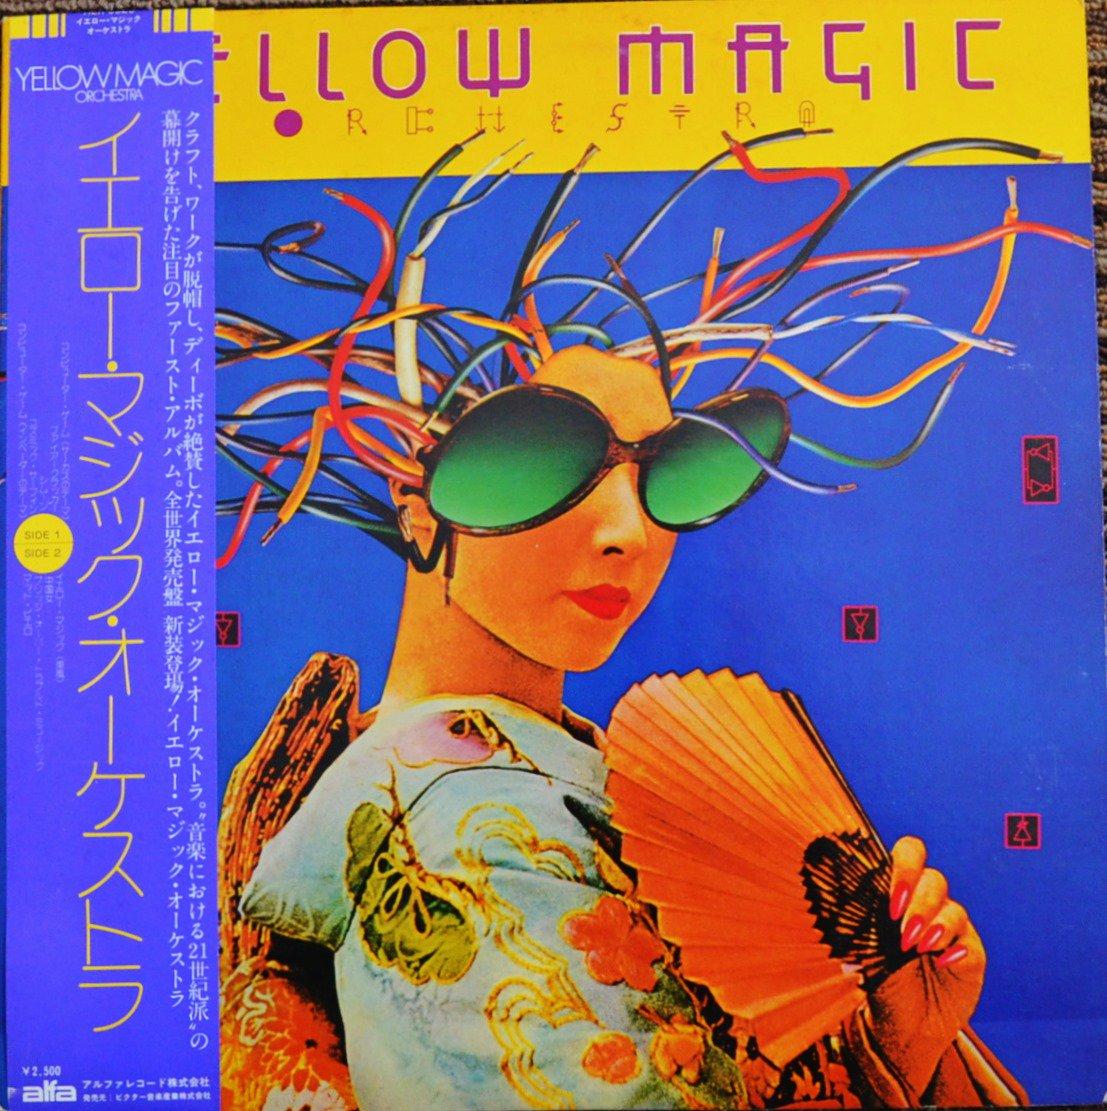 Y.M.O. (YELLOW MAGIC ORCHESTRA) / イエロー・マジック・オーケストラ (LP)